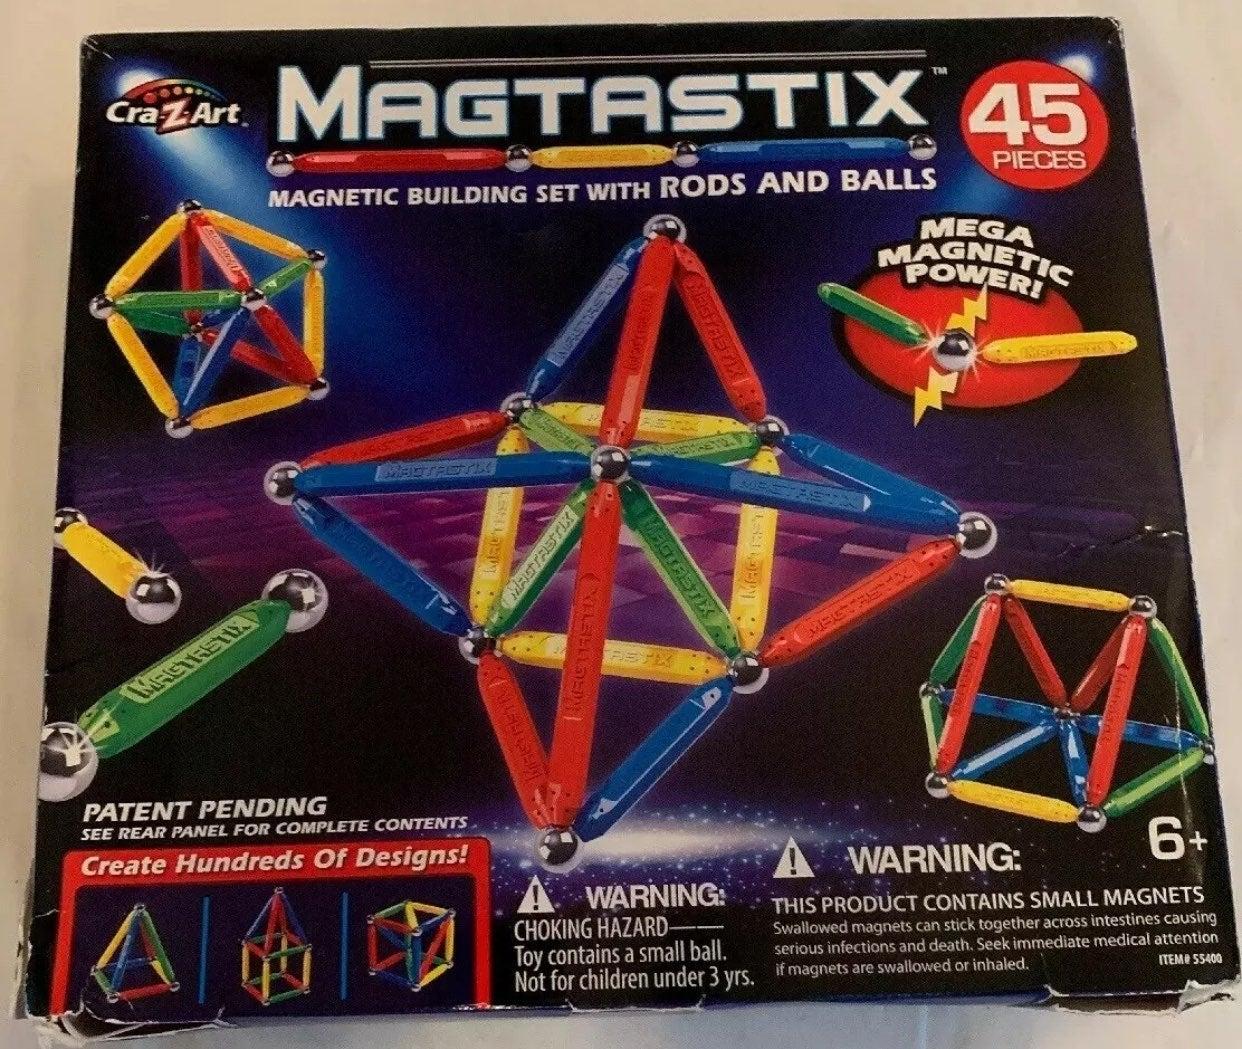 Cra-Z-Art Megastix Magnetic Building Set